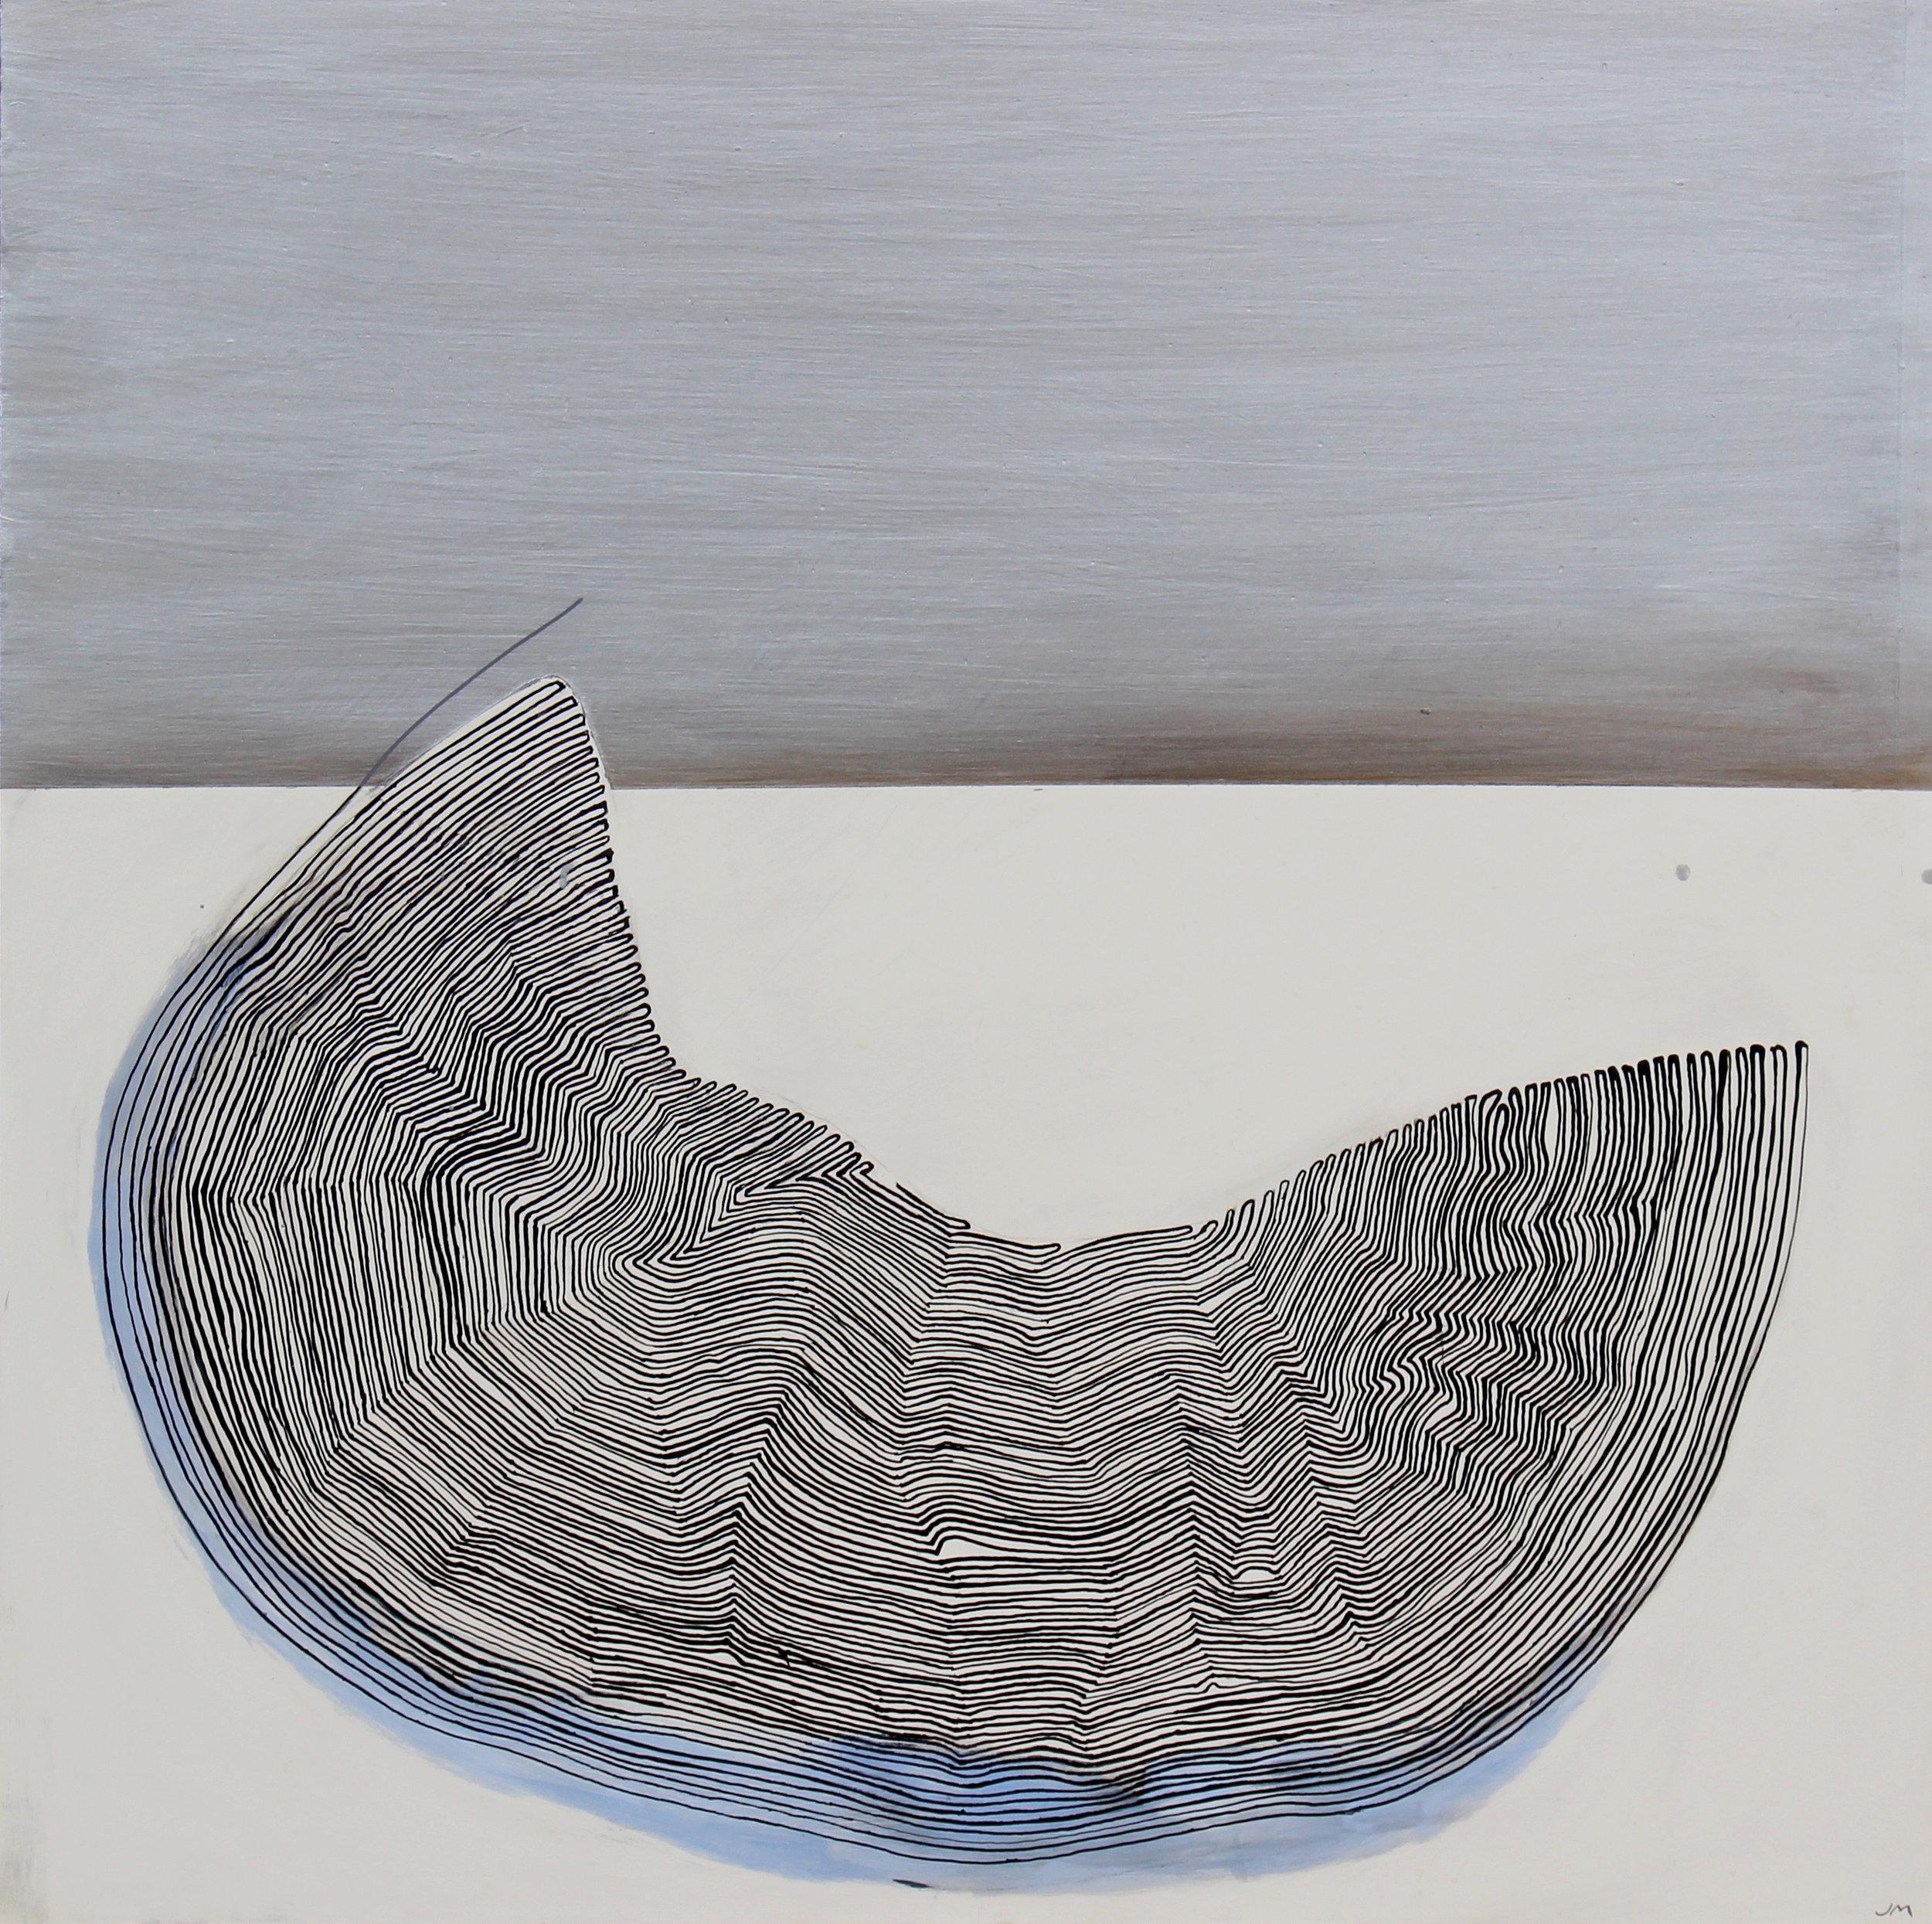 Joel Moskowitz,  Dreamscape , Acrylic on wood panel, 16x16